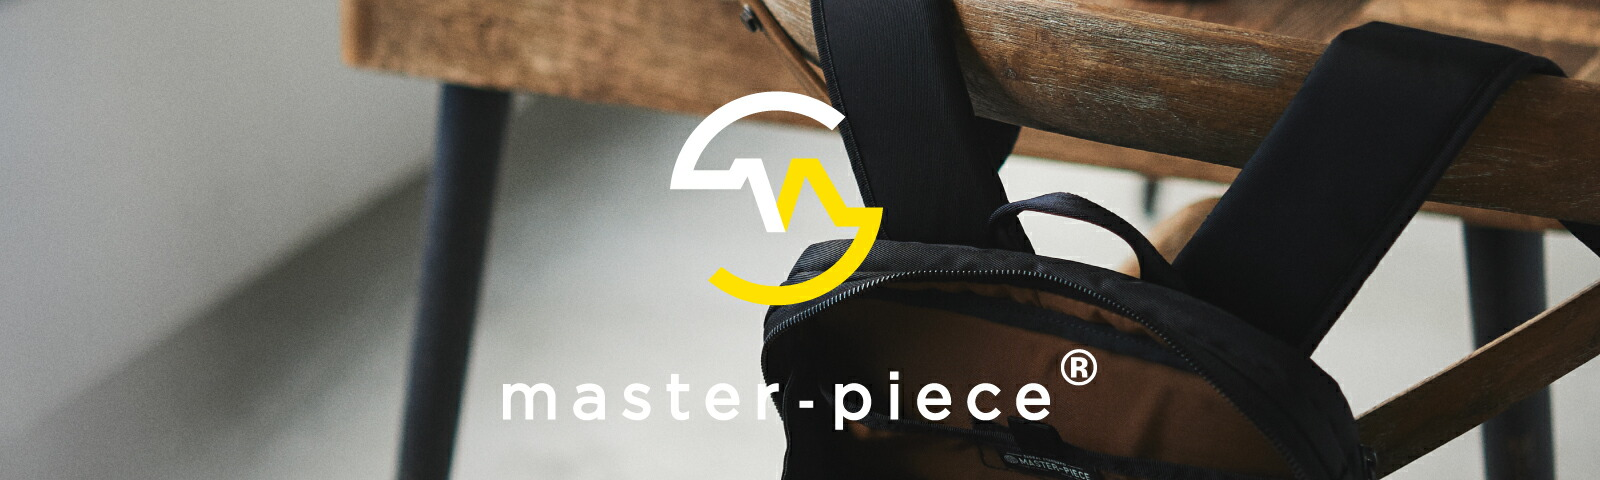 マスターピース【master-piece】